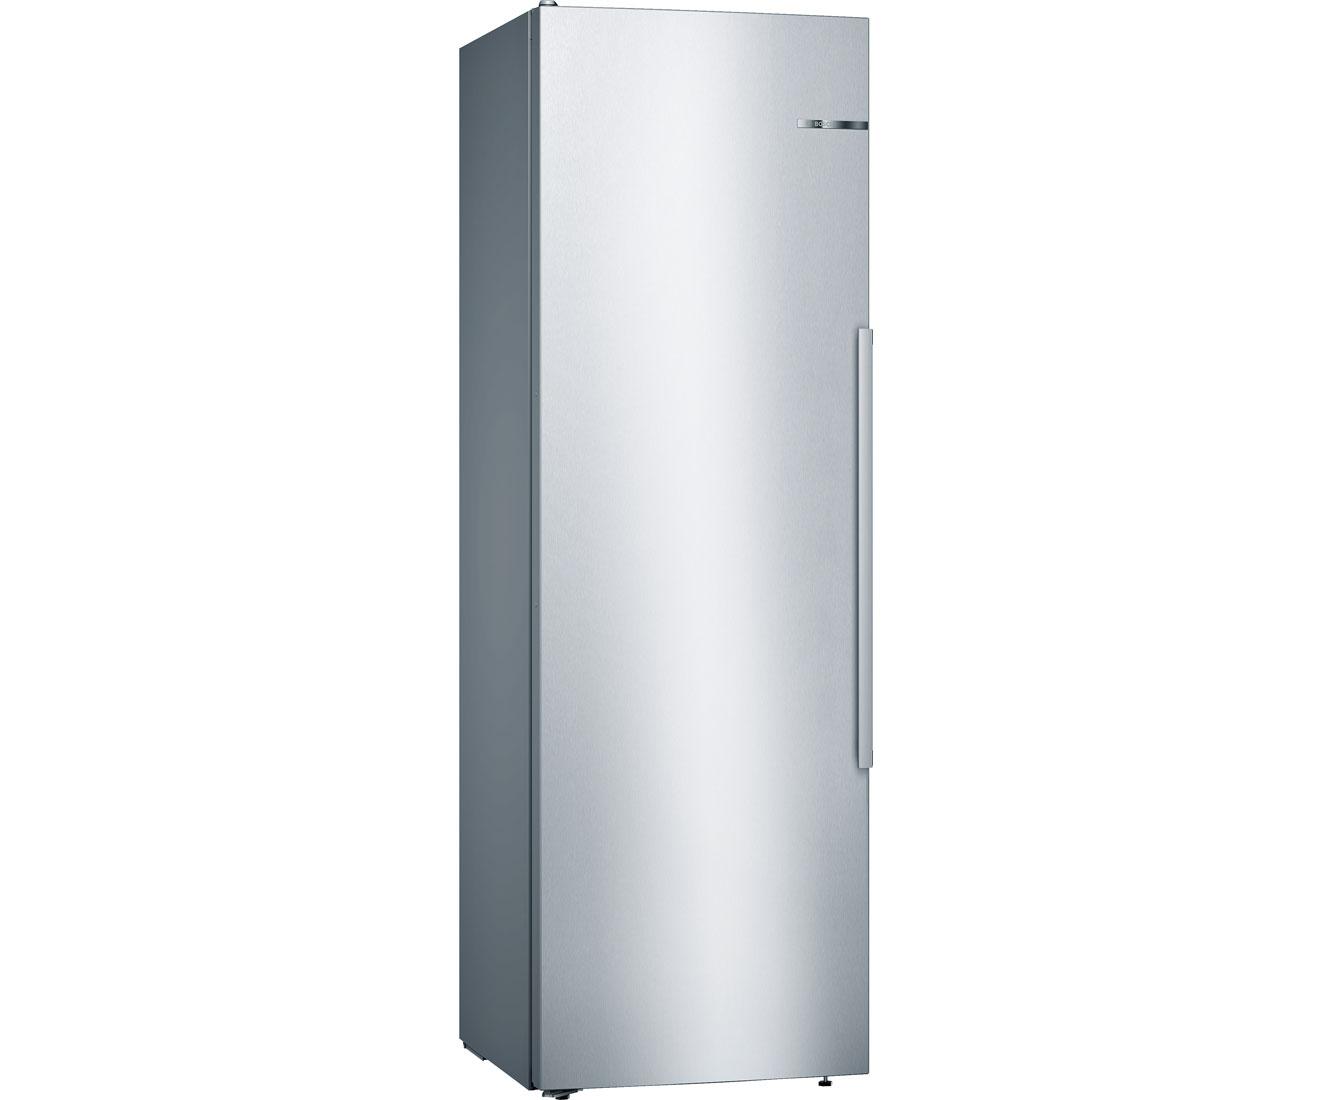 Bosch Kühlschrank Biofresh : Edelstahl kühlschrank preisvergleich u die besten angebote online